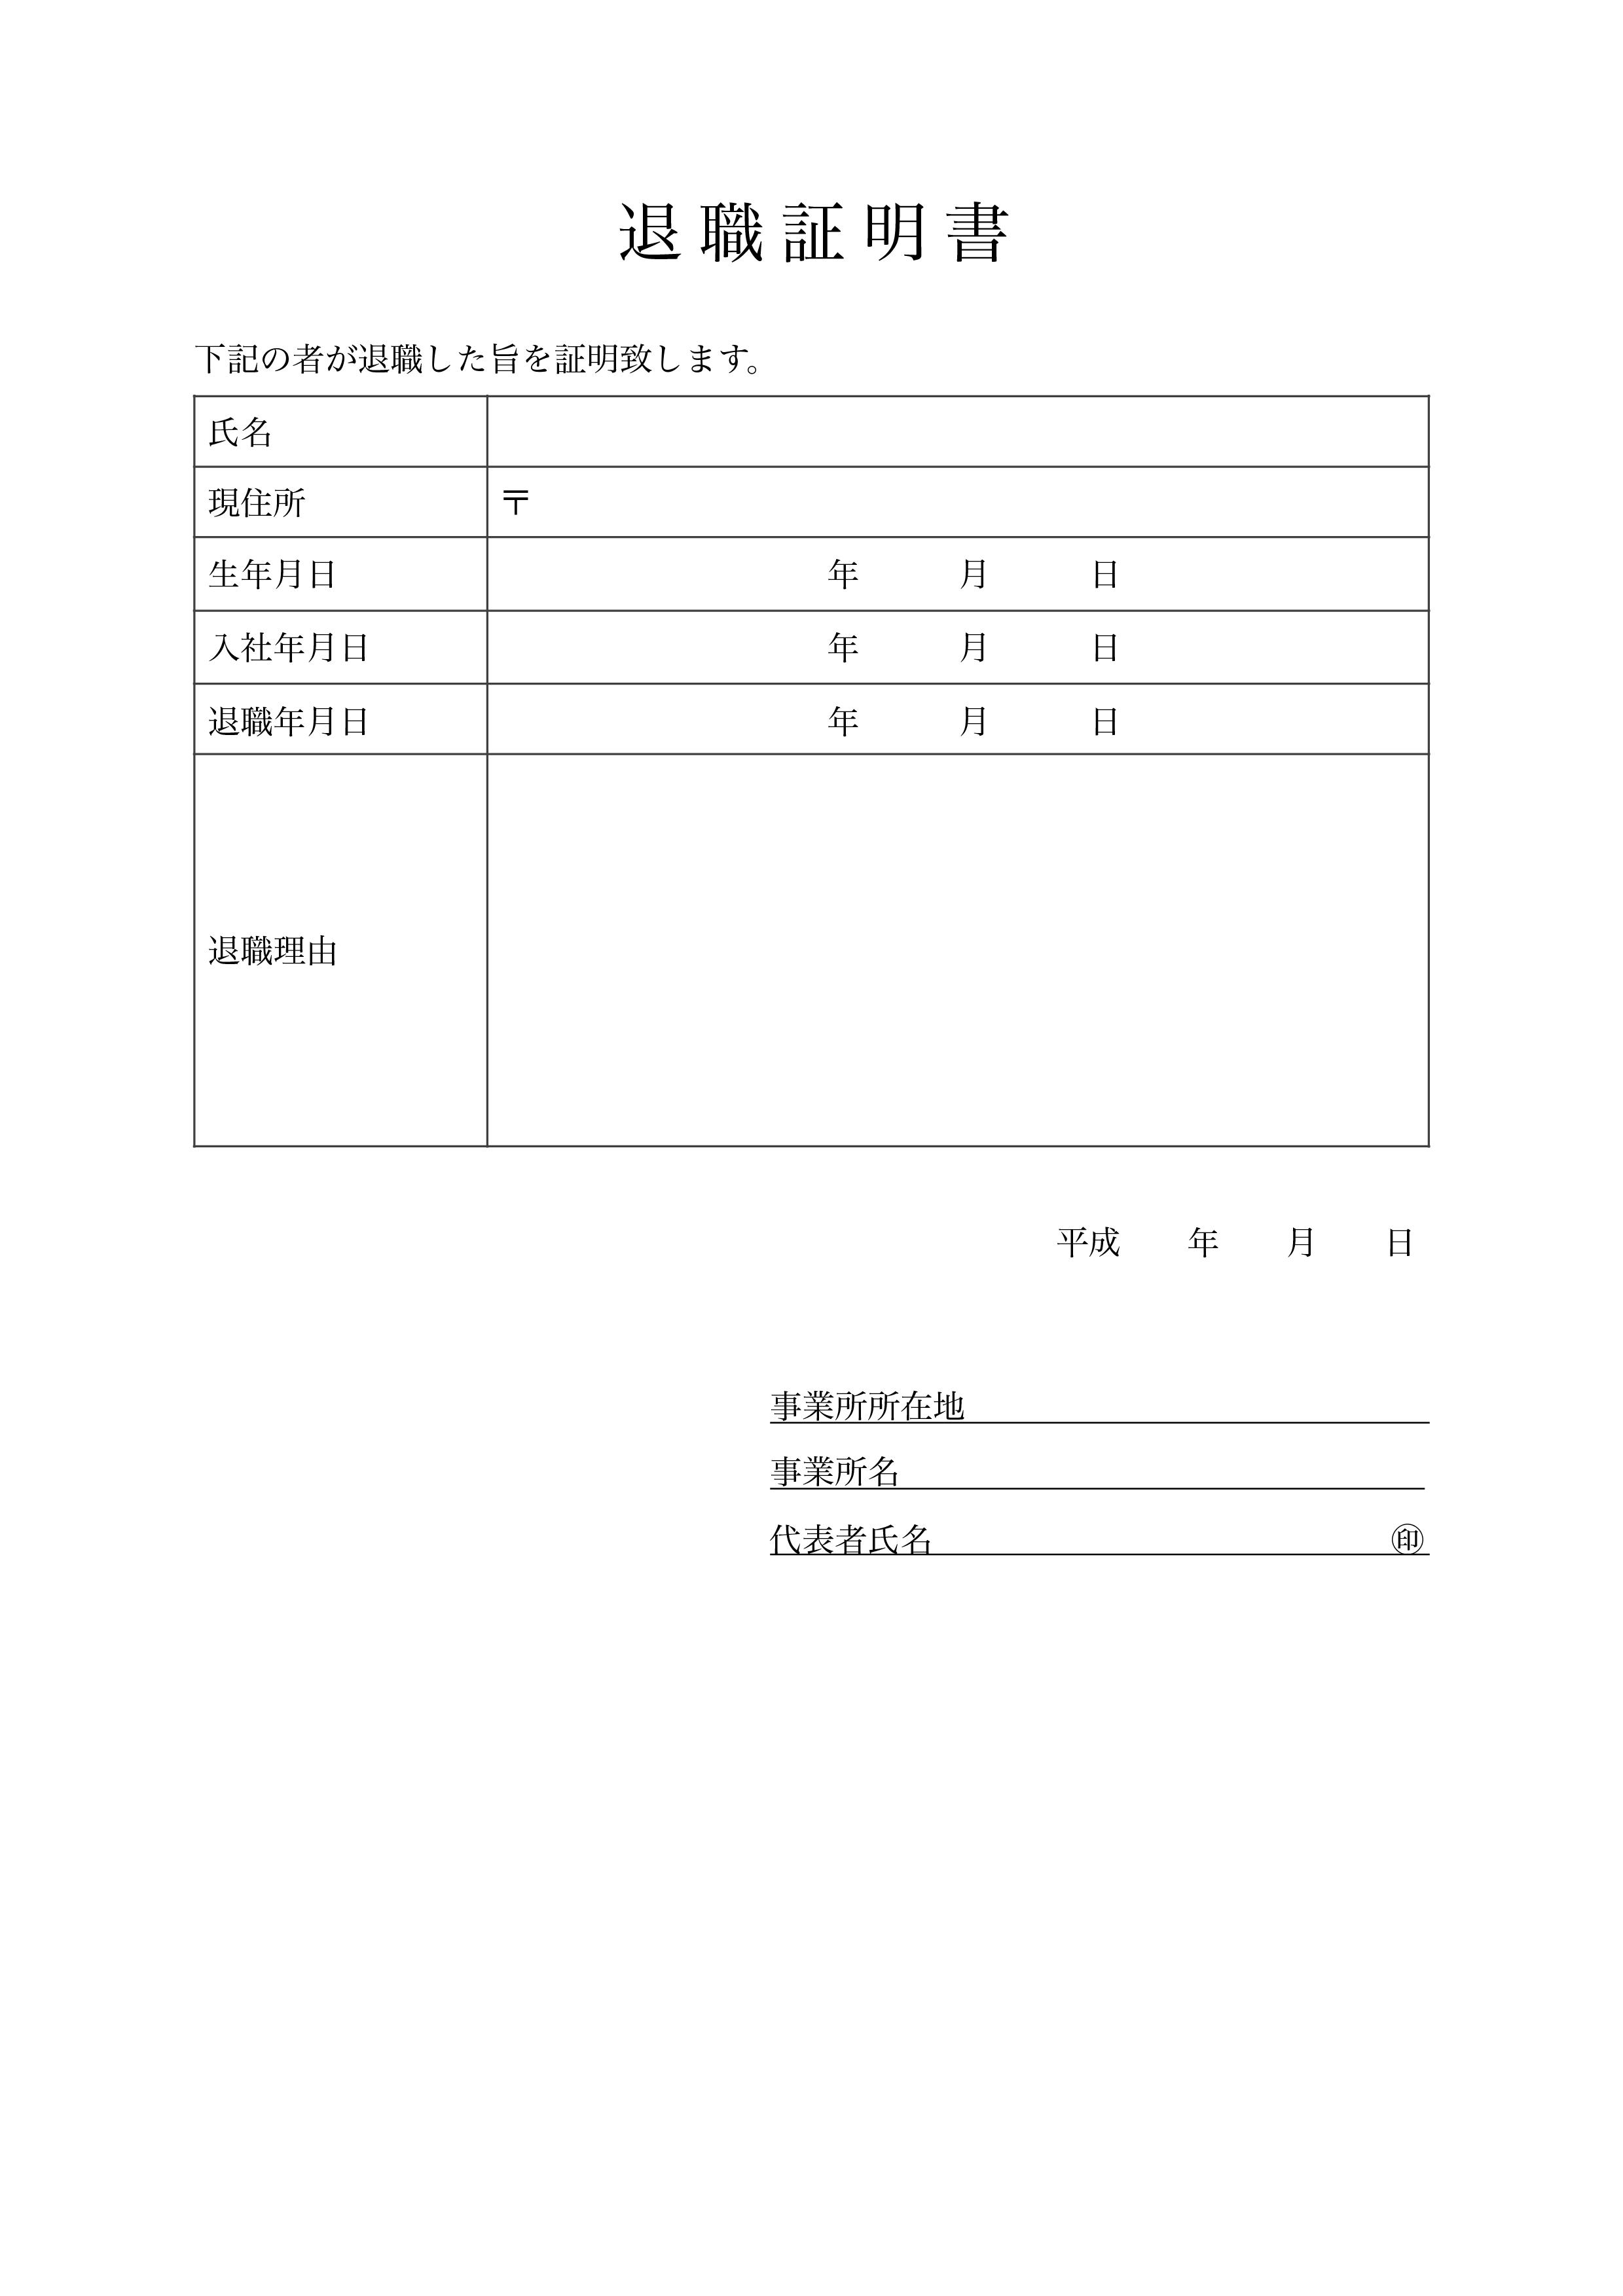 退職証明書テンプレート シンプル(ワード・ページズ)